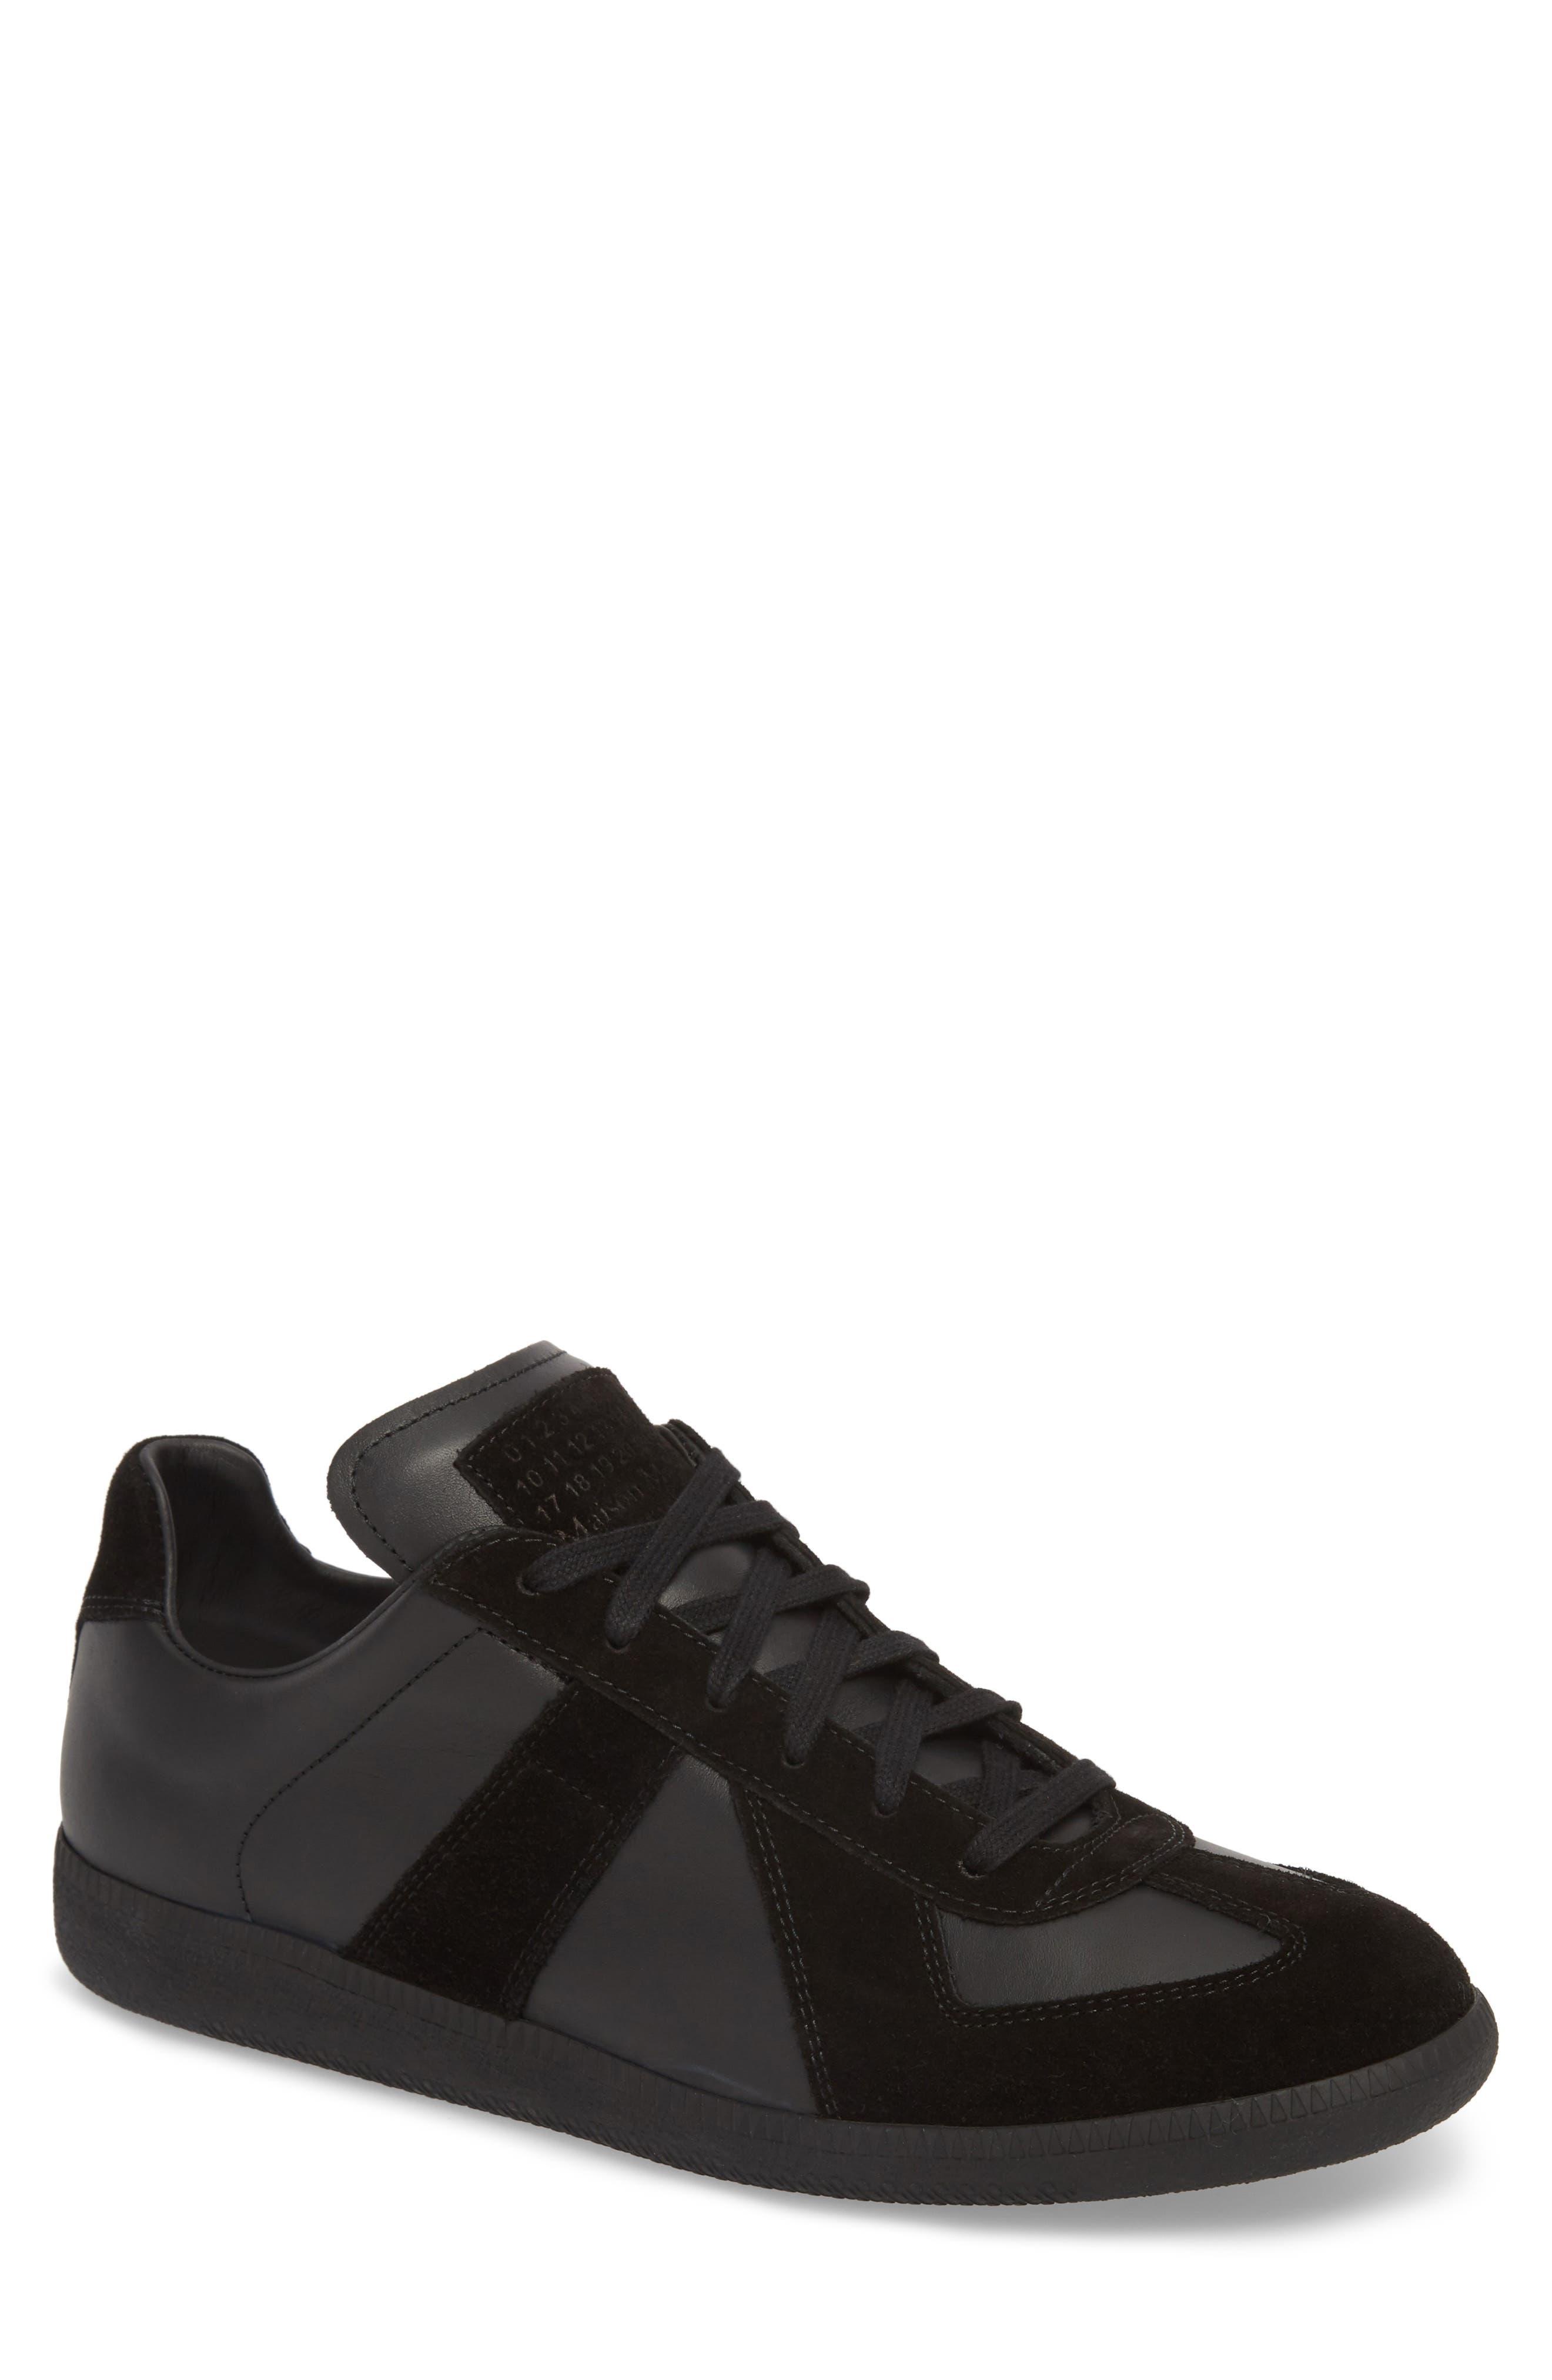 MM6 MAISON MARGIELA Maison Margiela Replica Low Top Sneaker, Main, color, BLACK